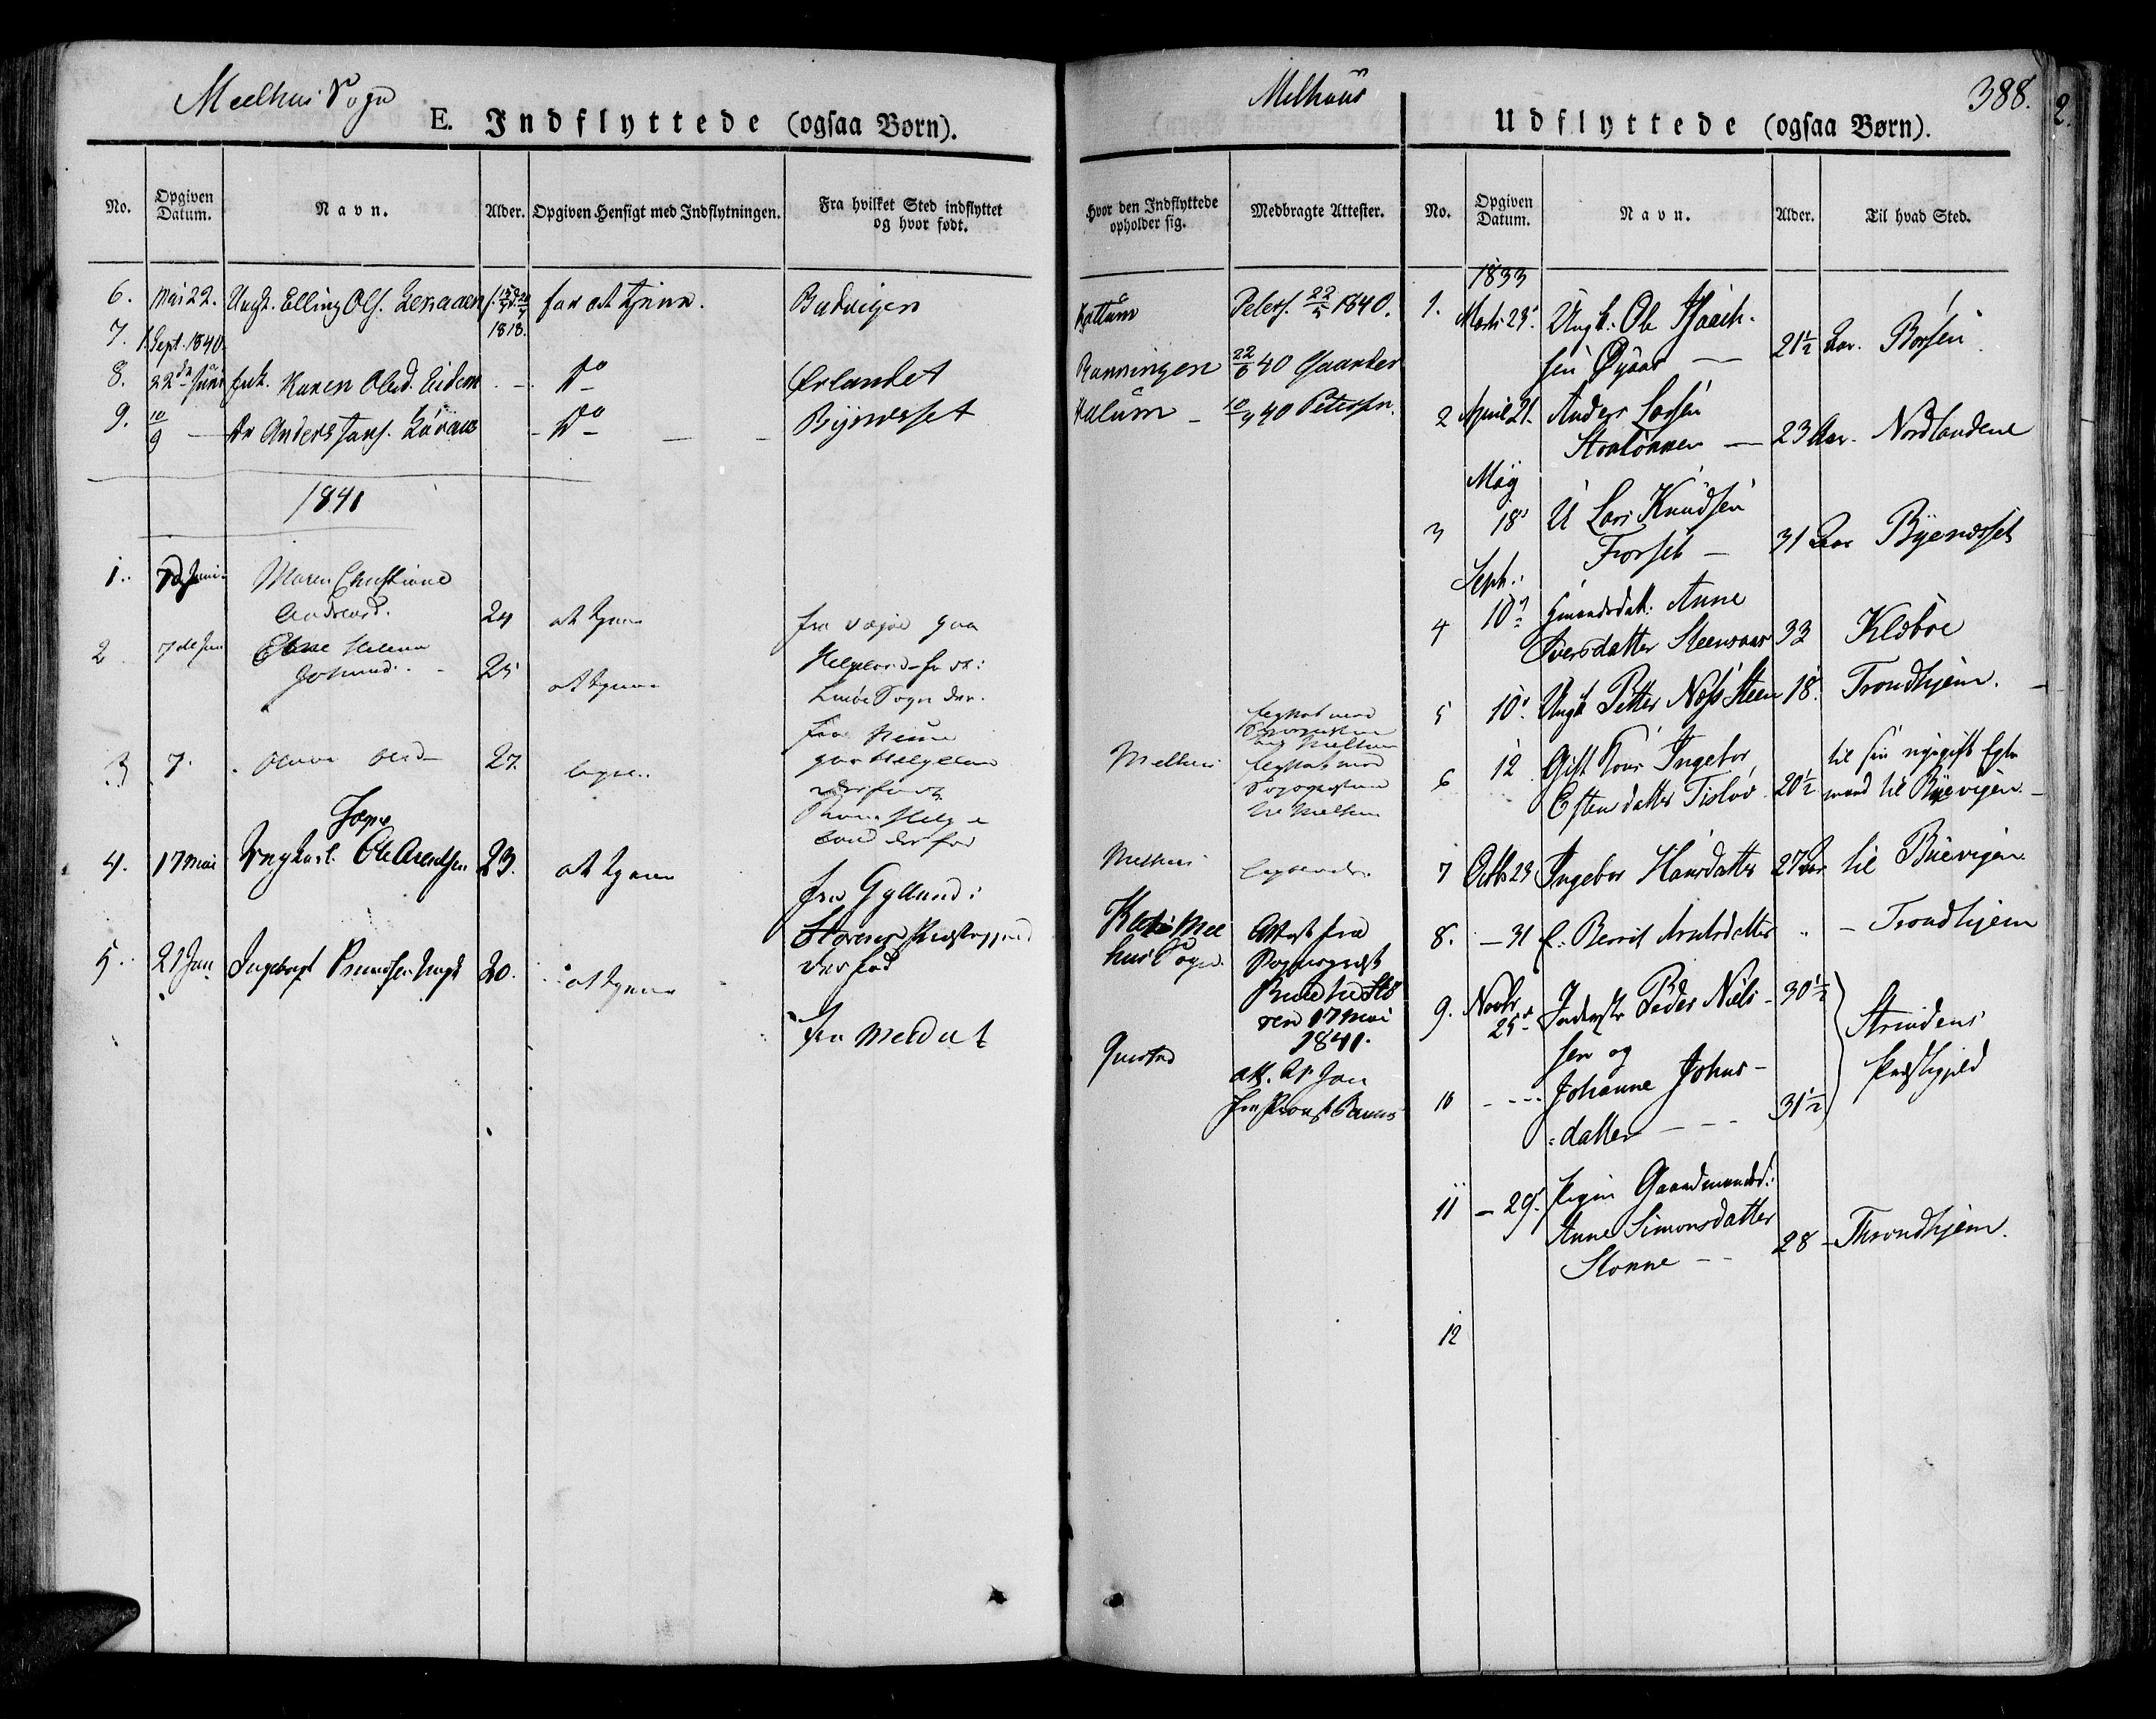 SAT, Ministerialprotokoller, klokkerbøker og fødselsregistre - Sør-Trøndelag, 691/L1070: Ministerialbok nr. 691A05 /1, 1826-1841, s. 388